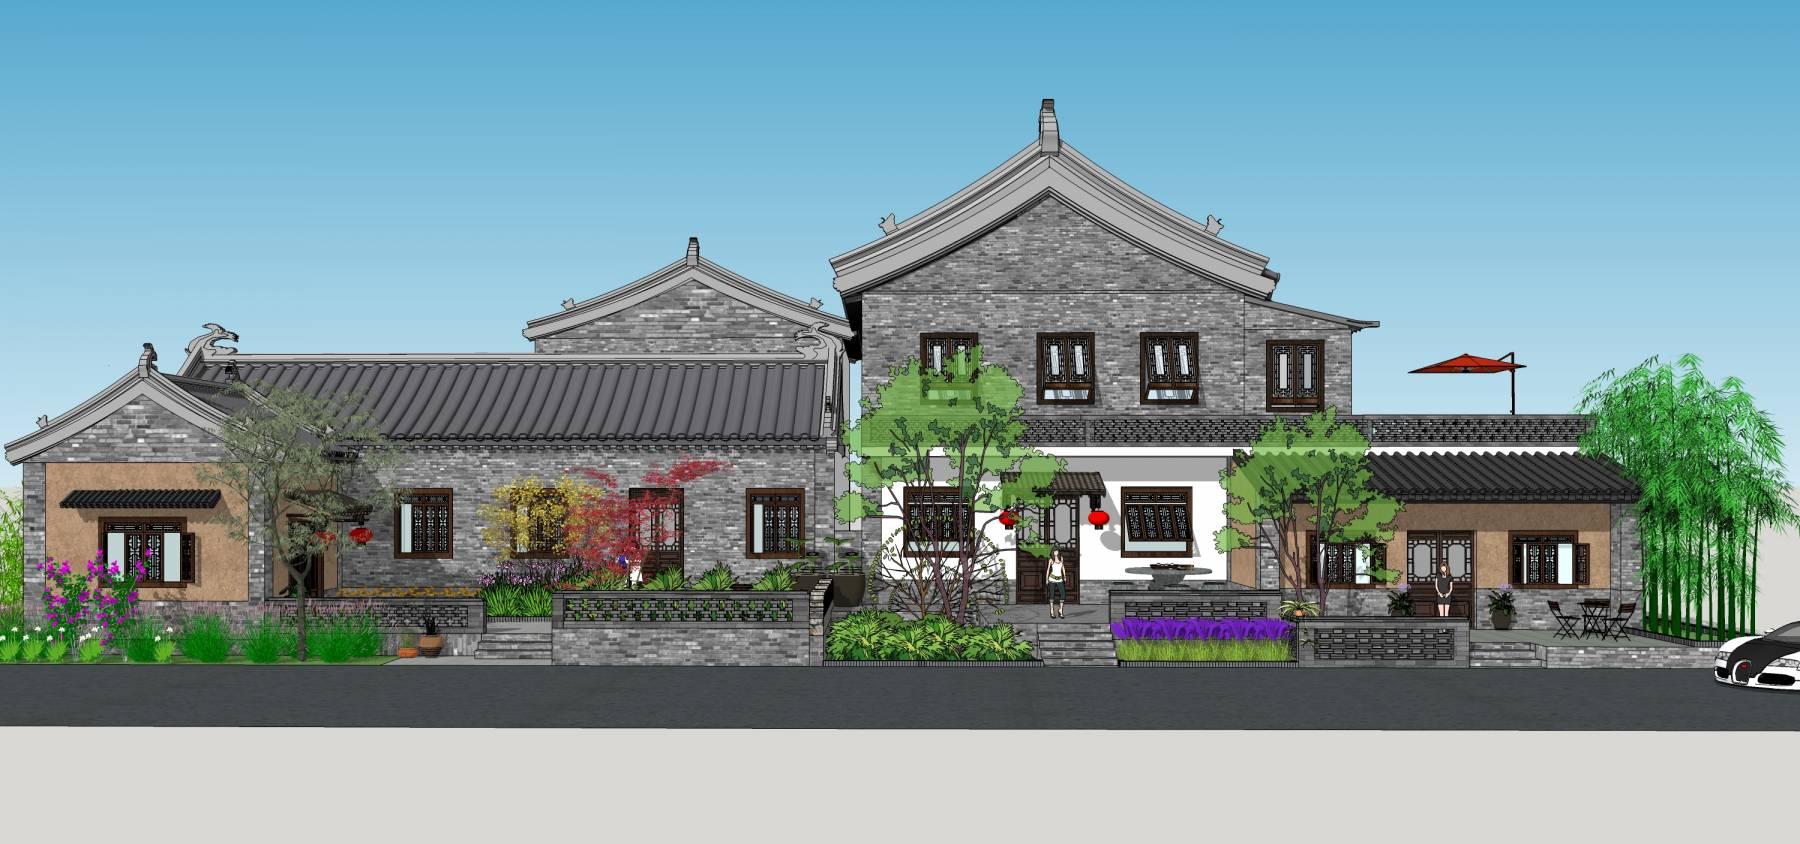 民宿建筑新农村农家乐中式建筑景观设计SU模型